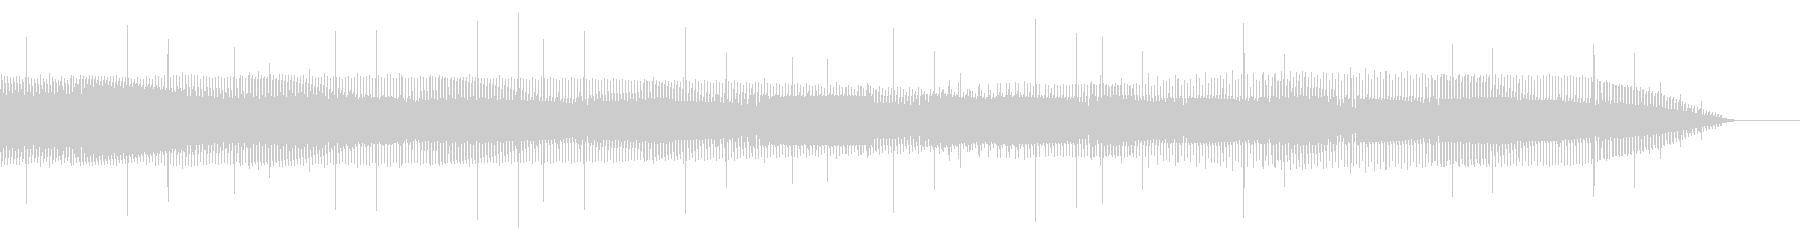 電気的なノイズ(ブー、ショート、故障)の未再生の波形